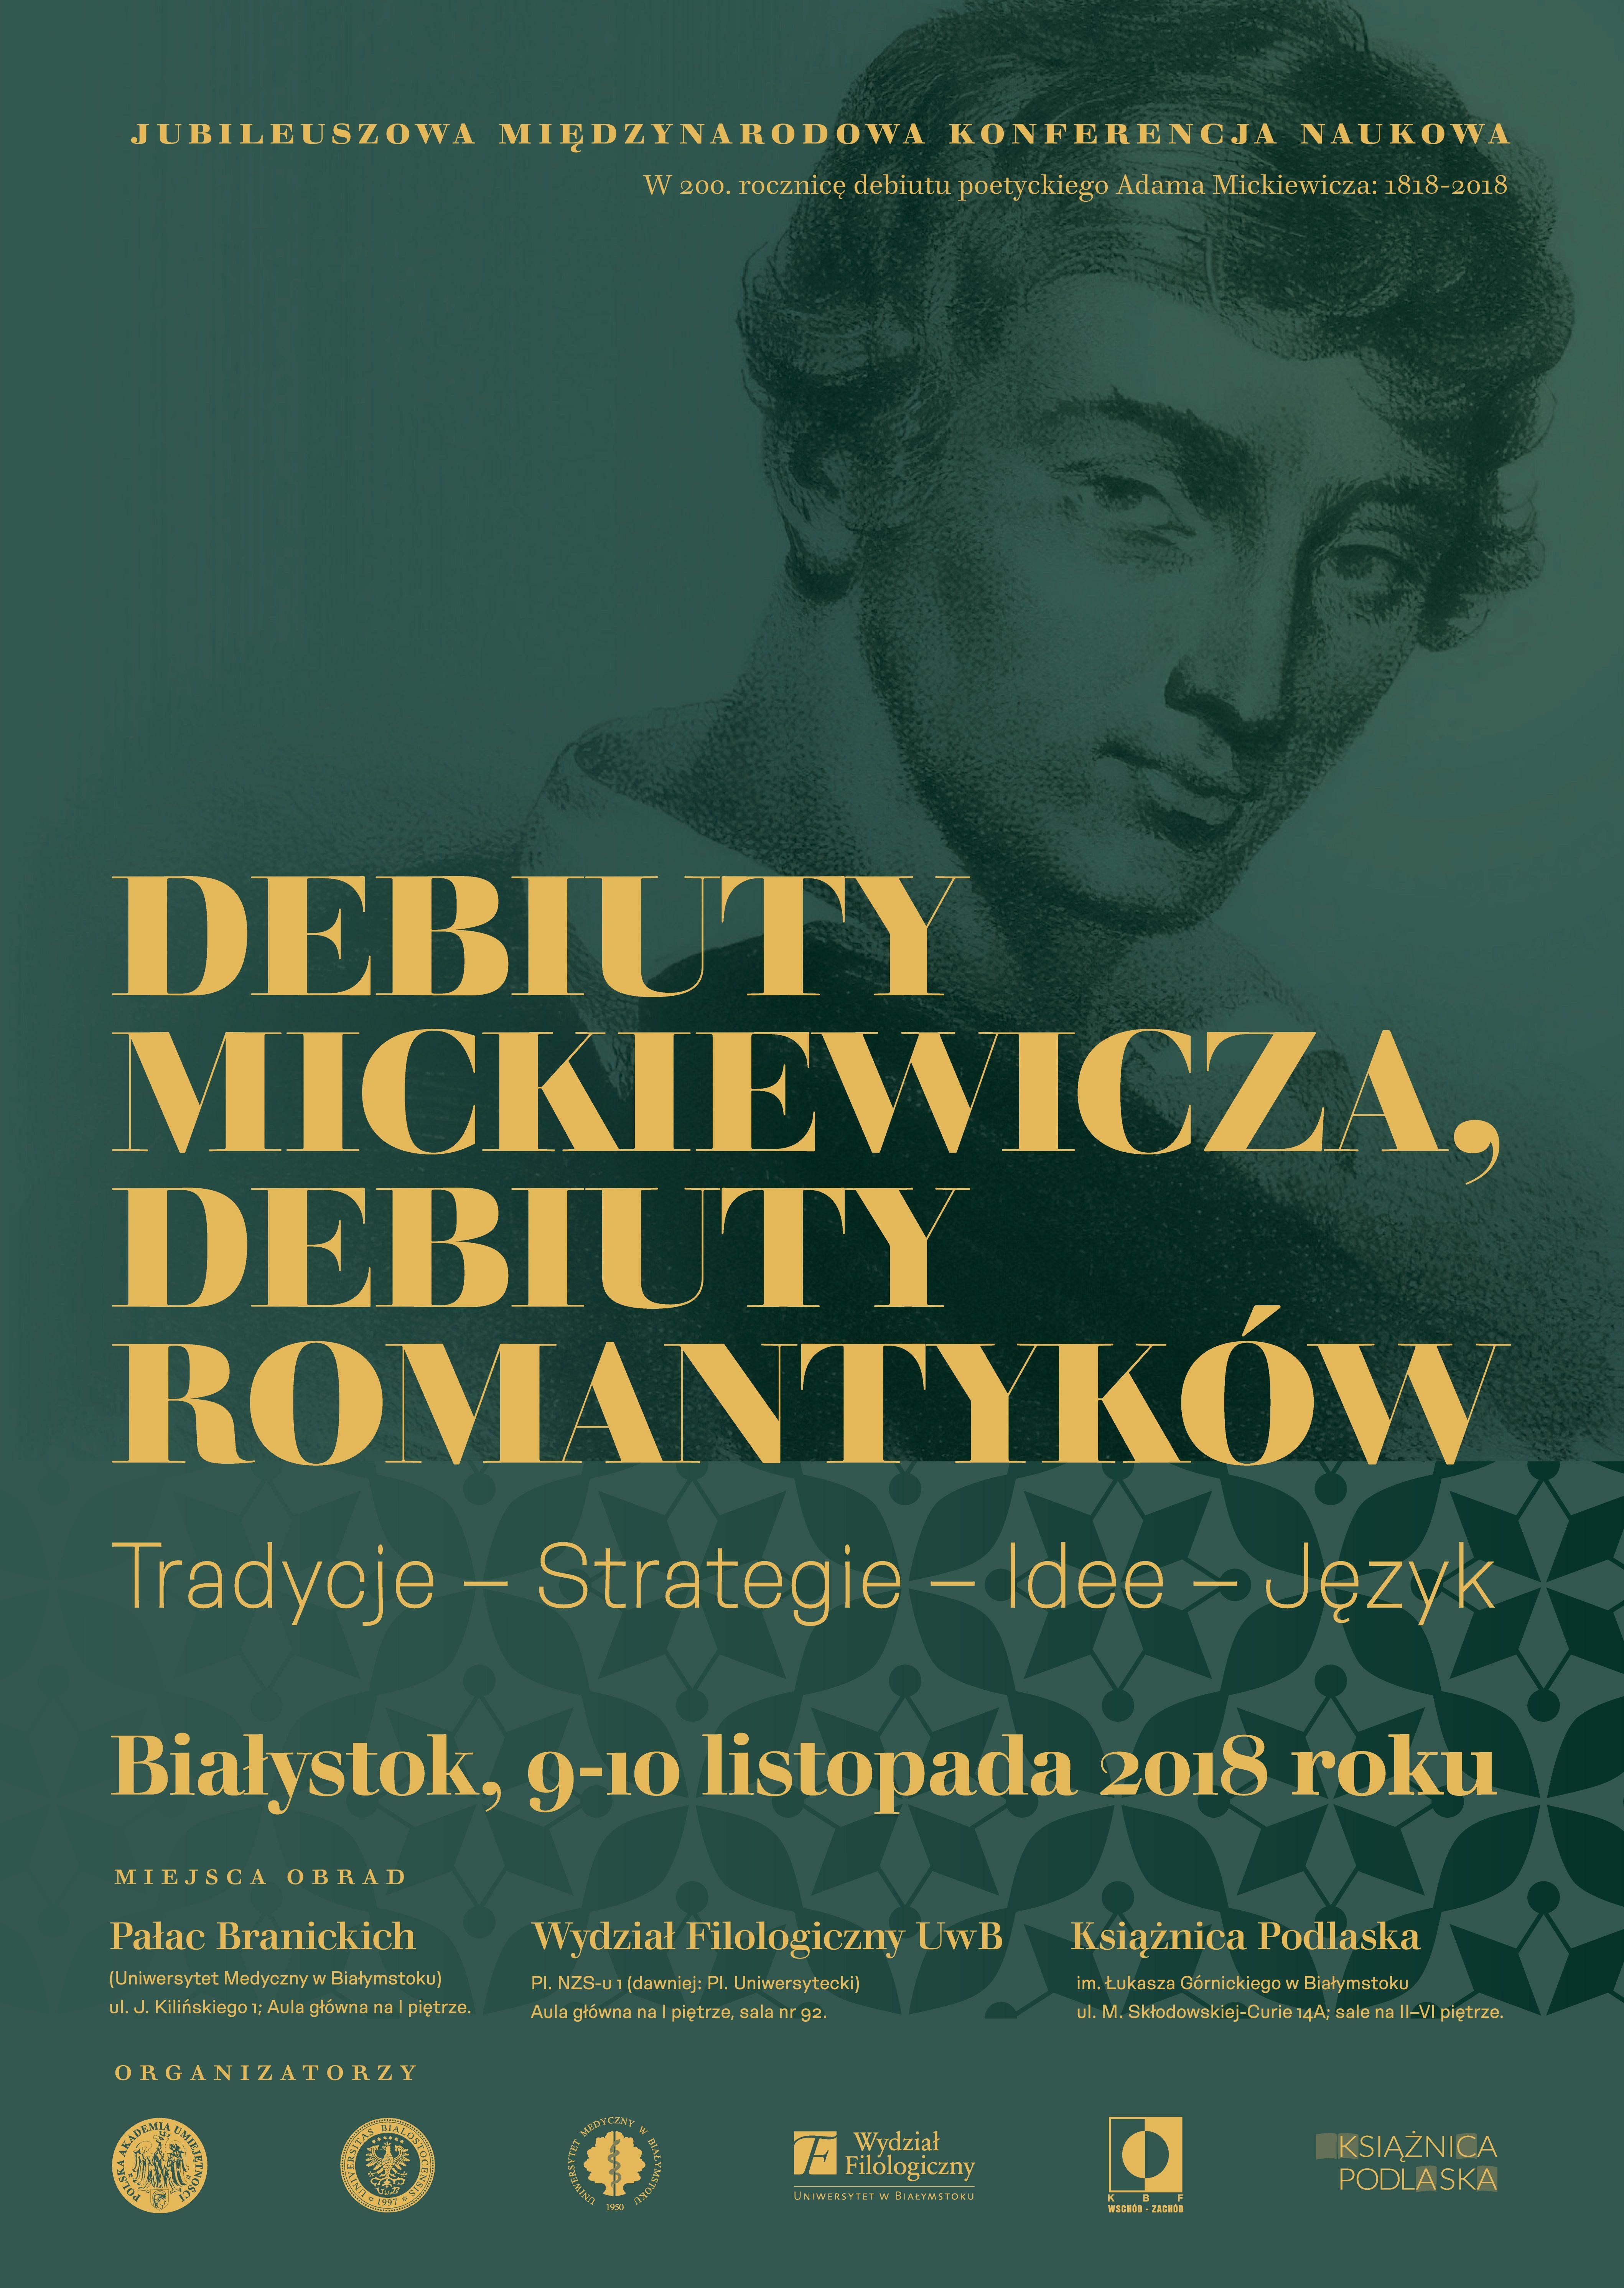 Debiuty Mickiewicza